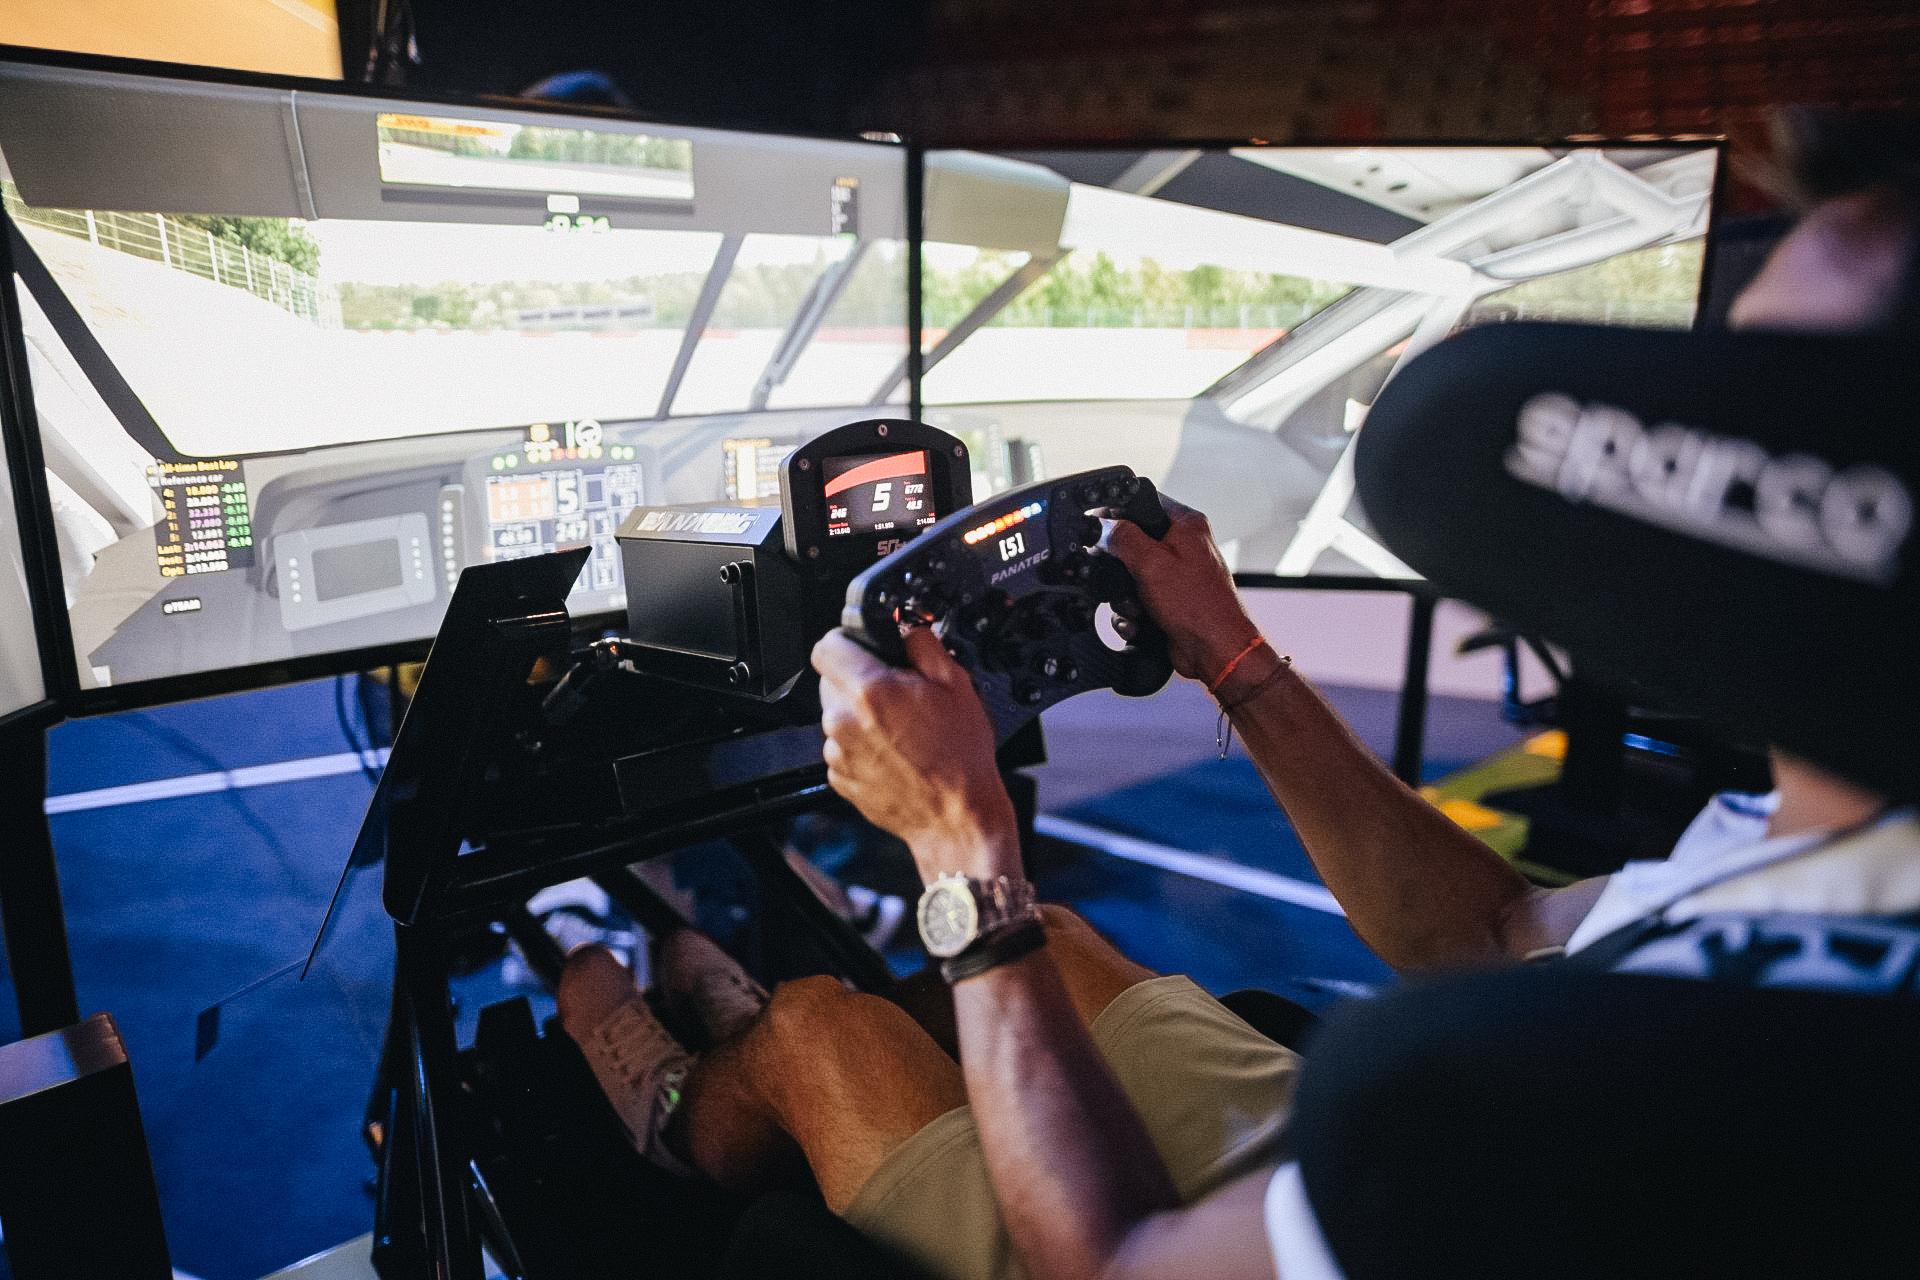 Sim Racing: The Next Generation of Racing